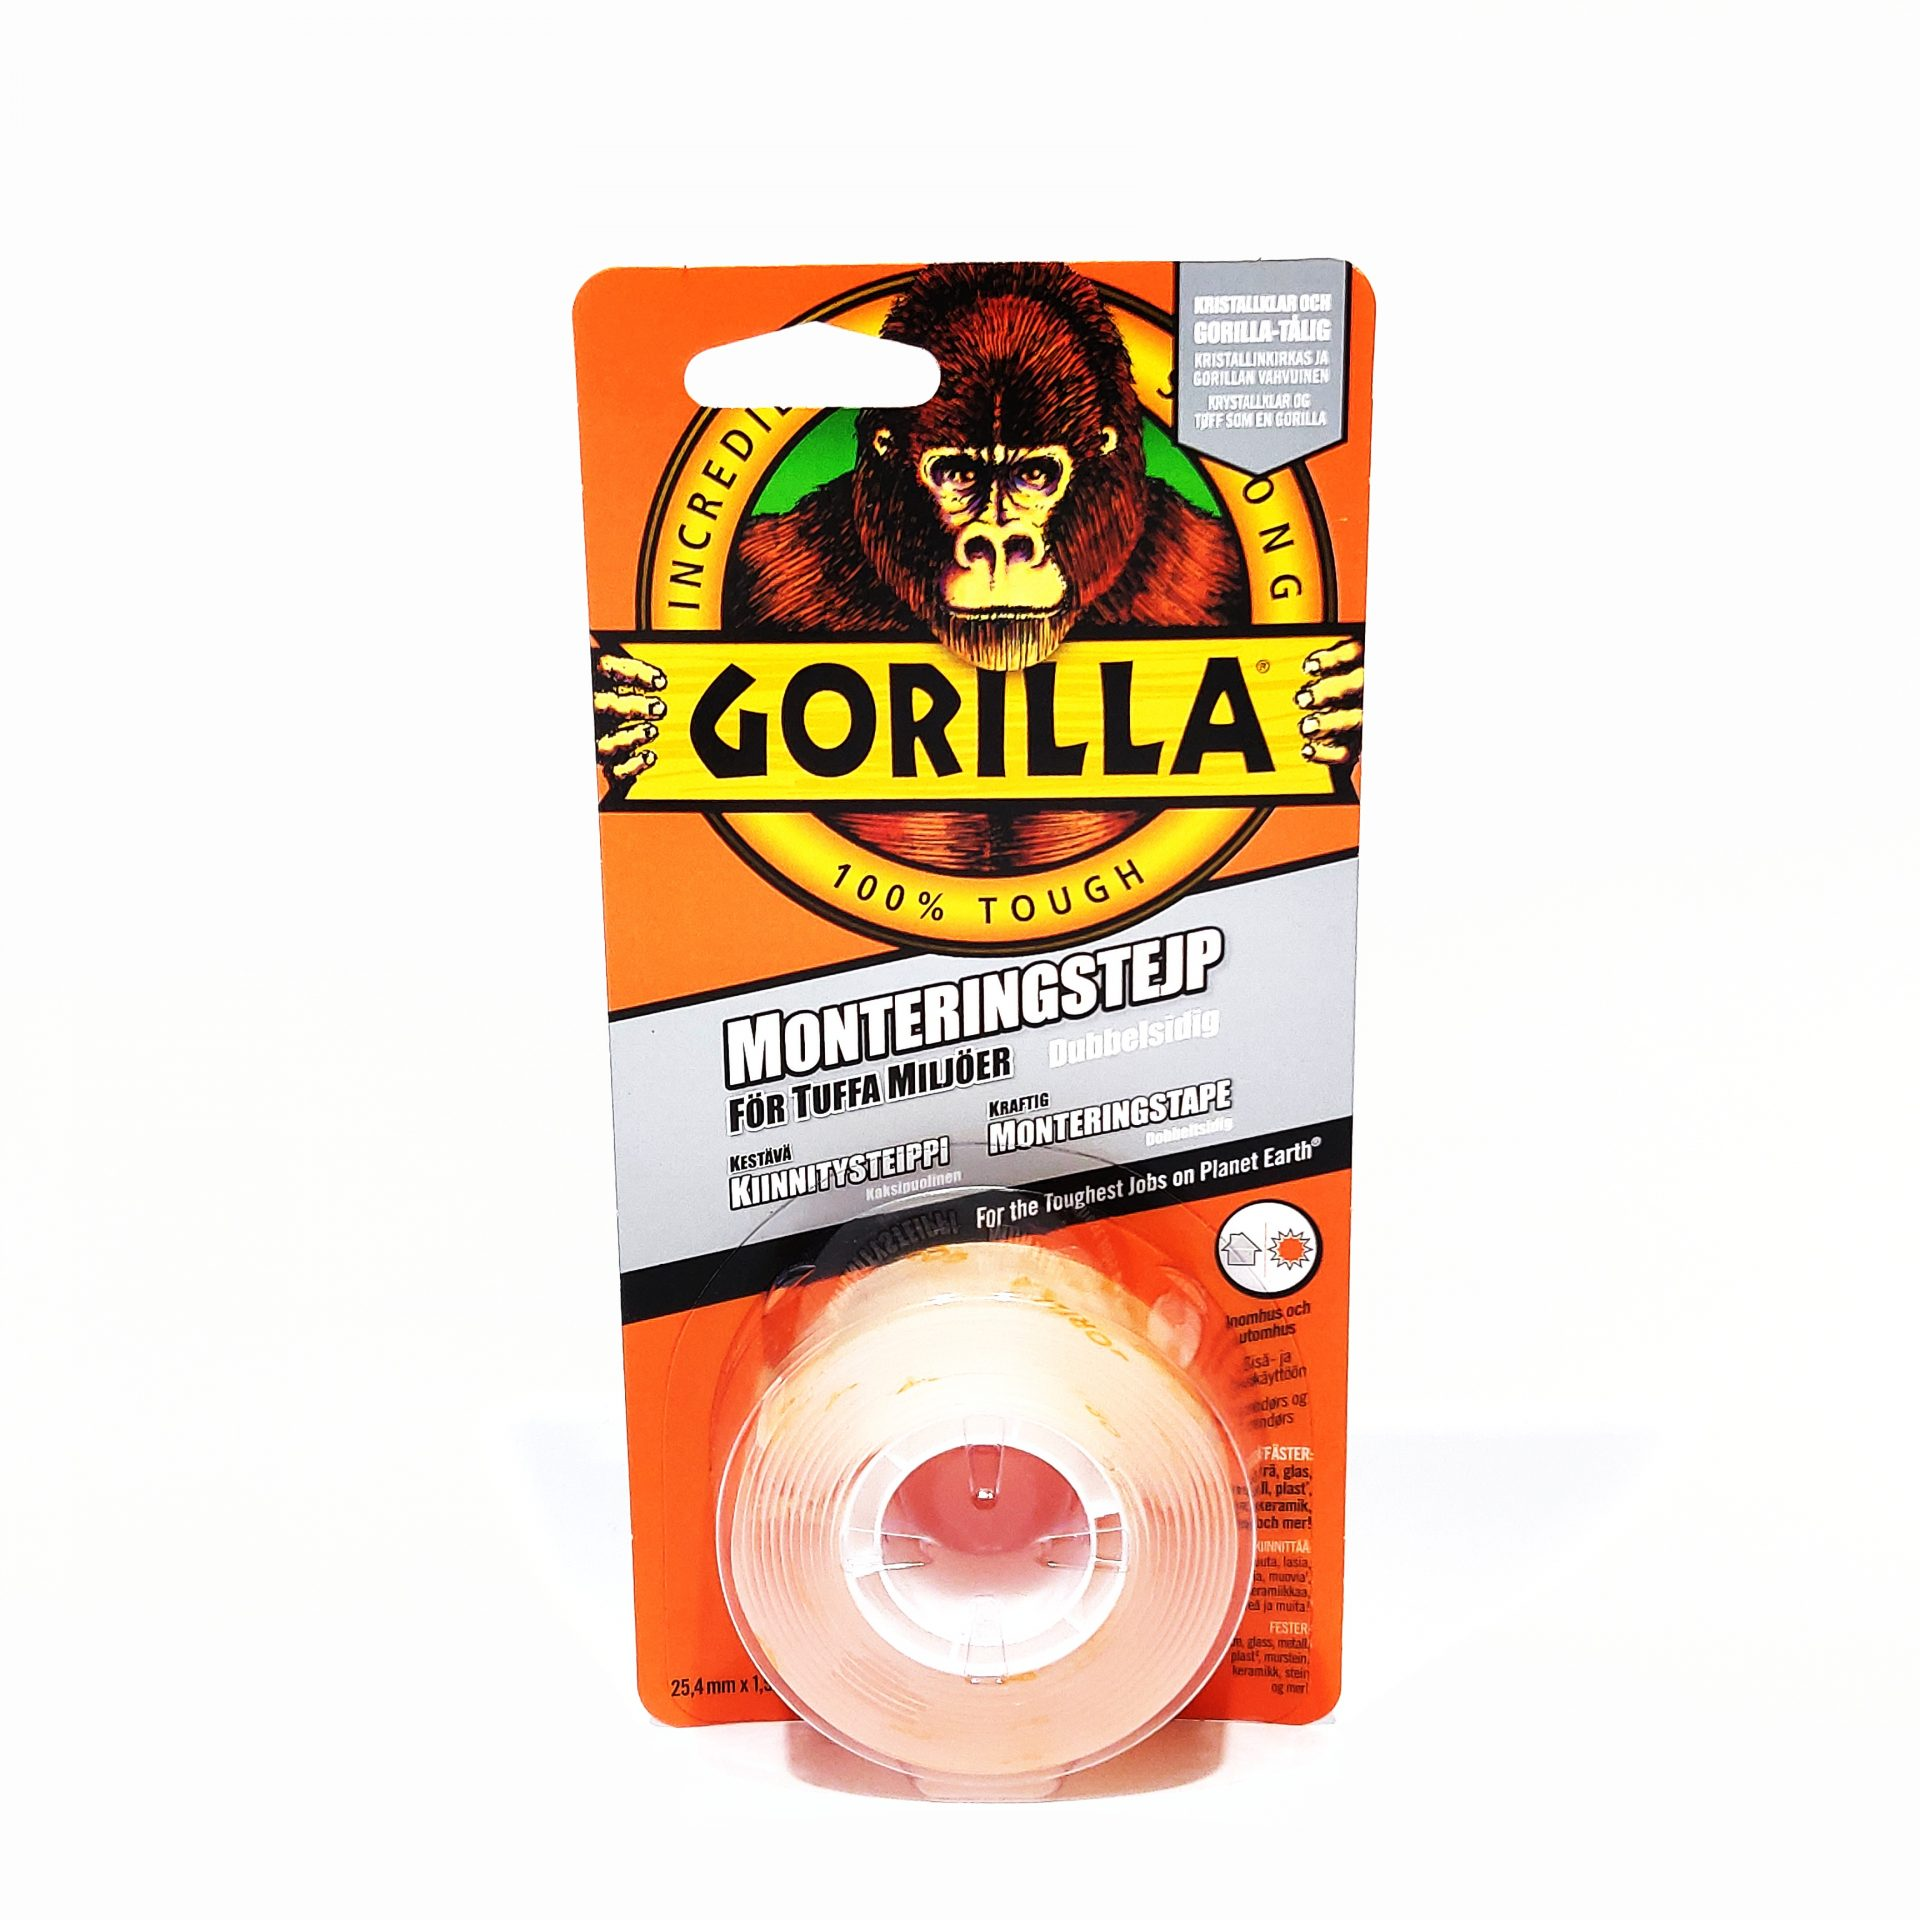 Gorillakiinnitysteippi